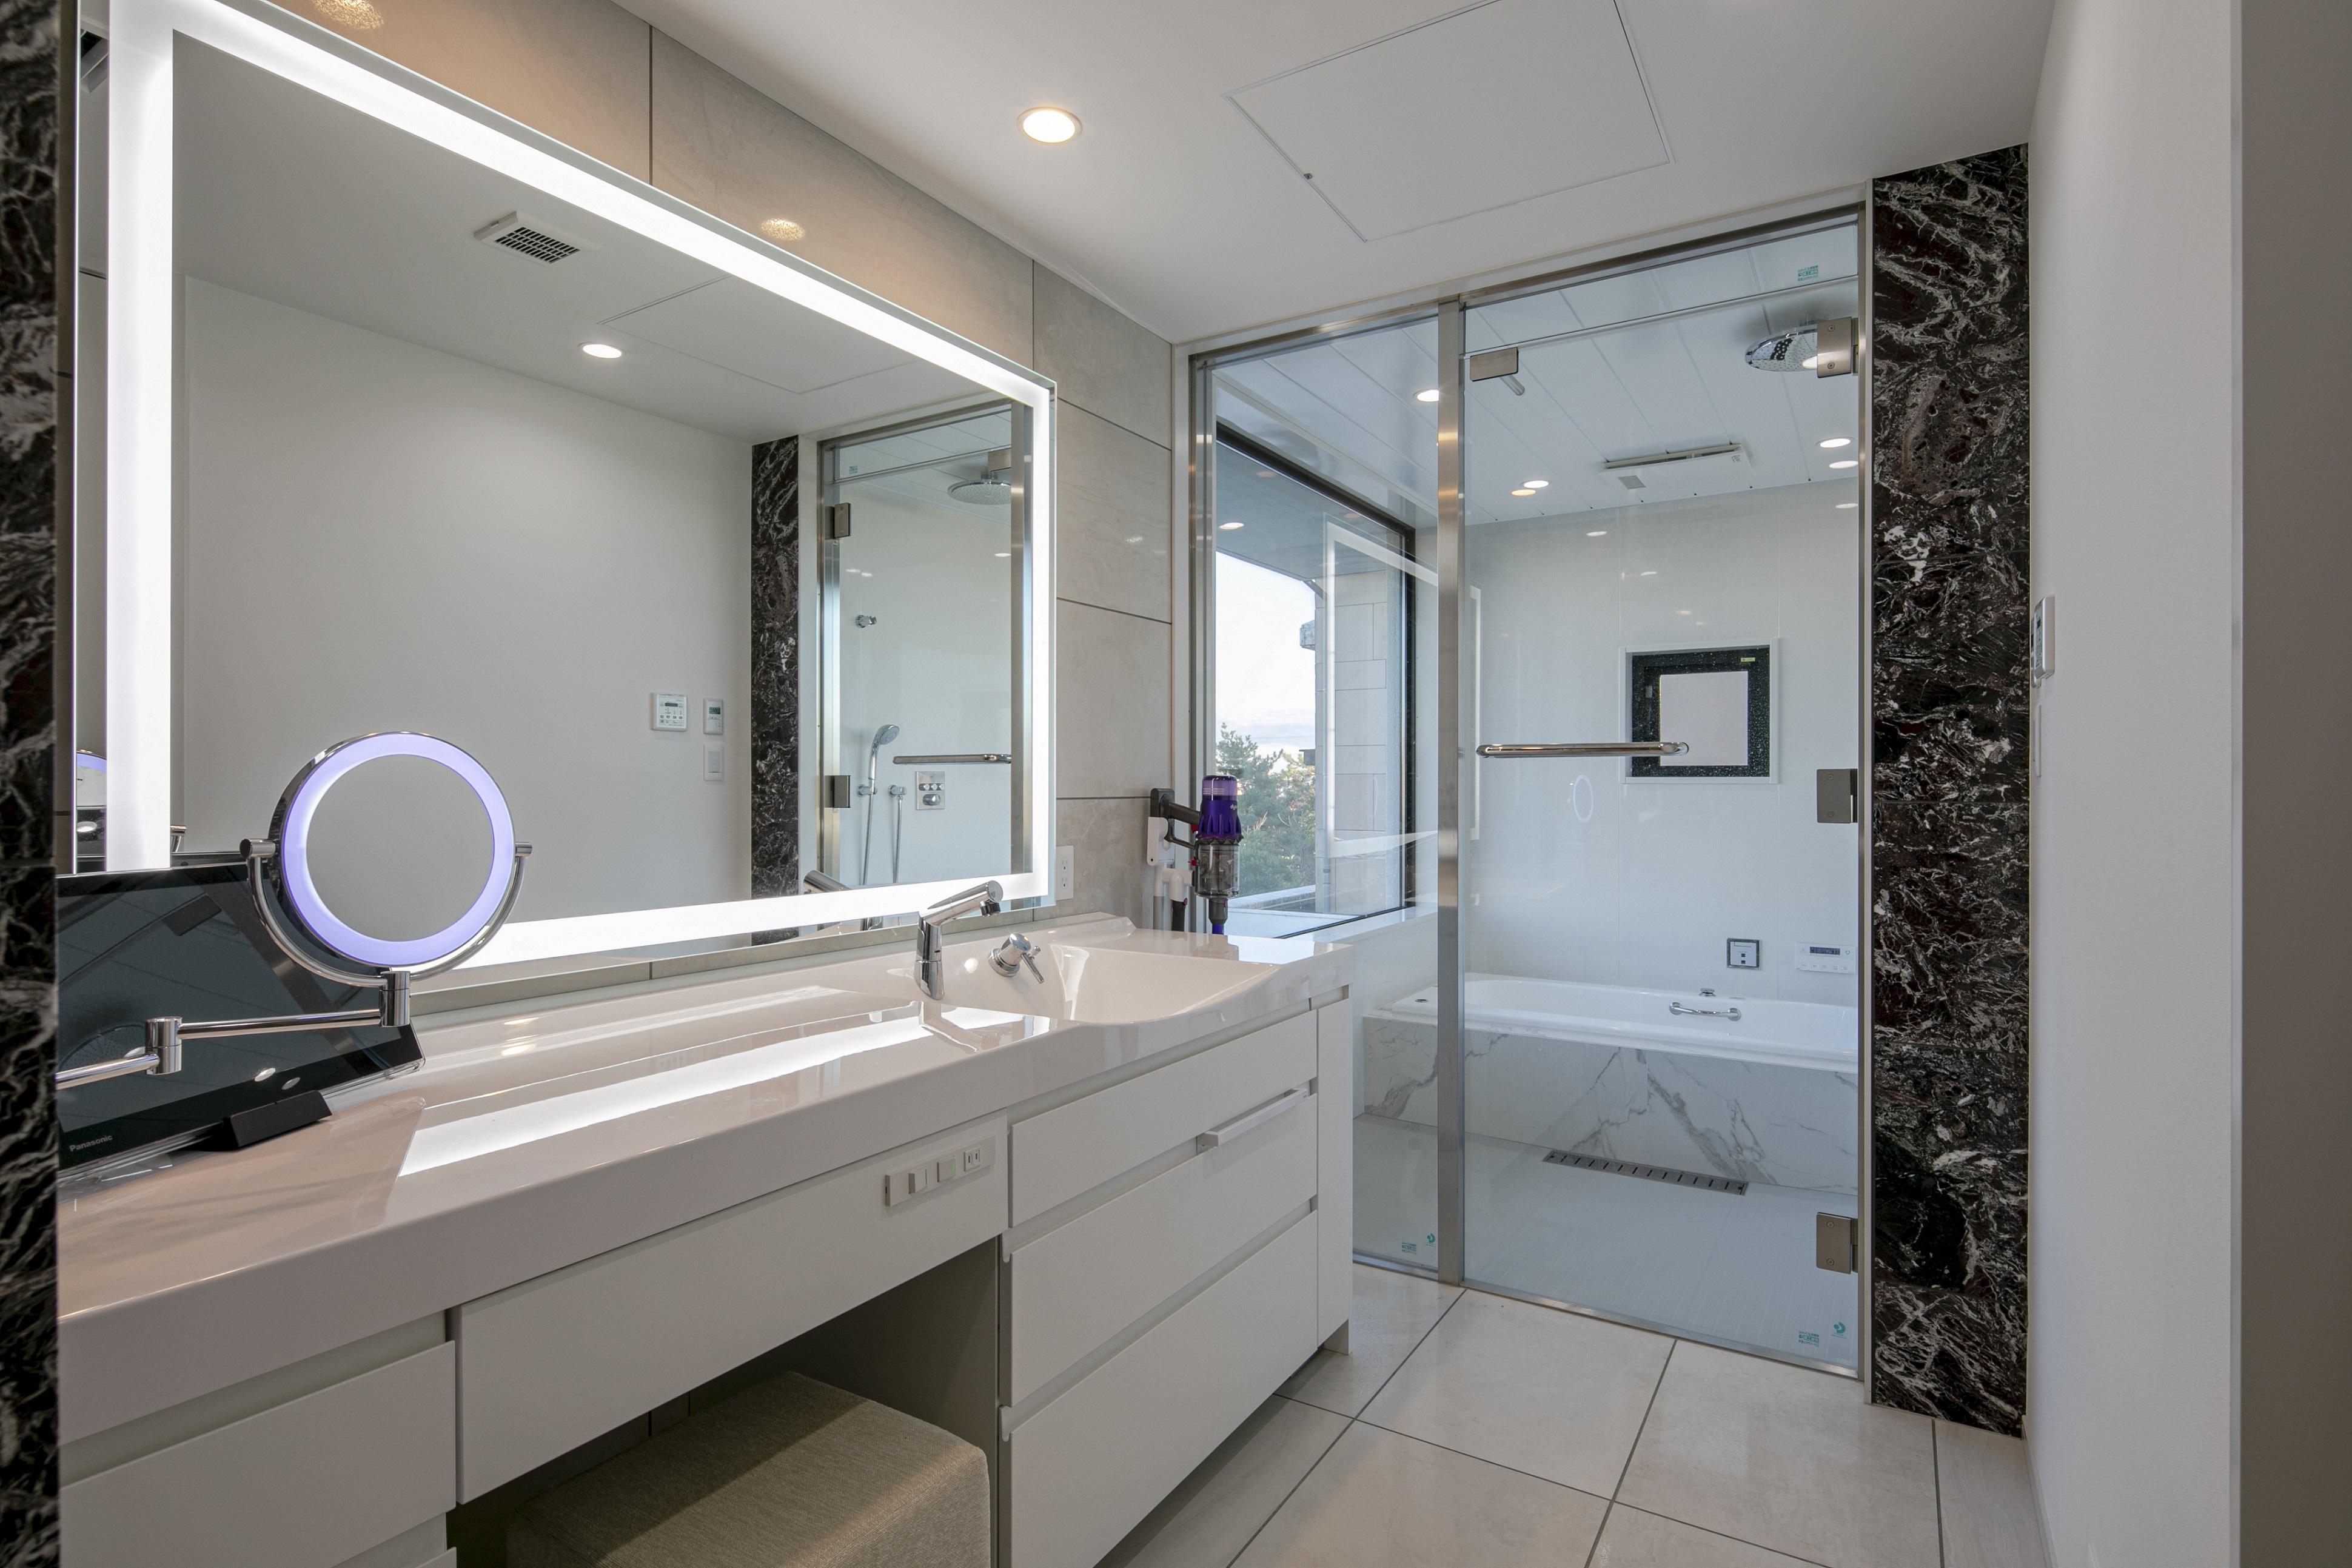 鏡照明輝(女優ミラー)個人宅 洗面所の場合